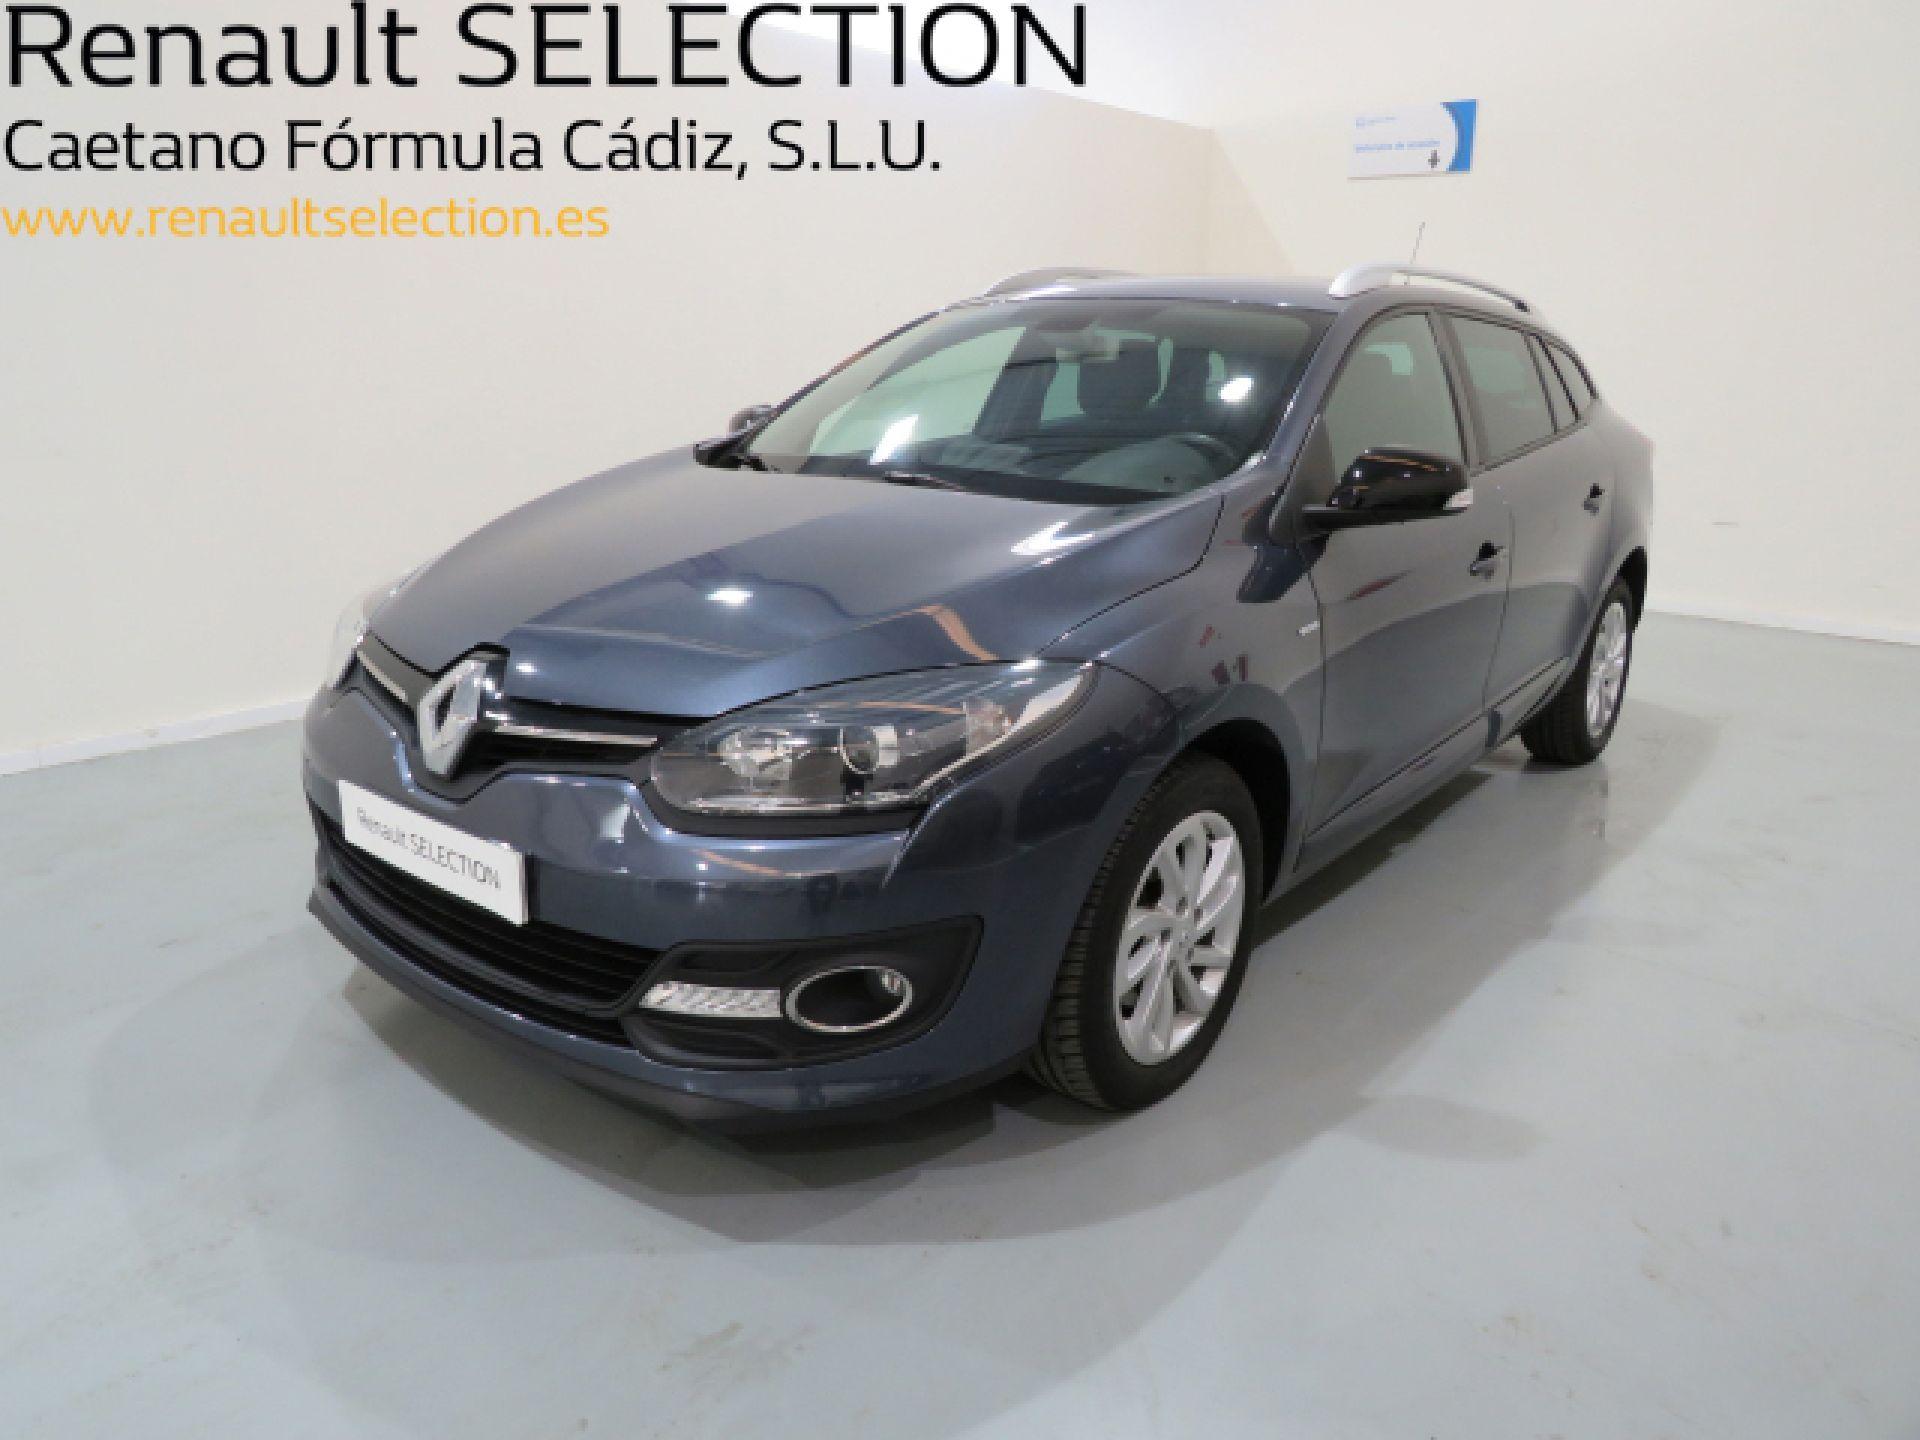 Renault Megane Limited dCi 110 eco2 segunda mano Cádiz